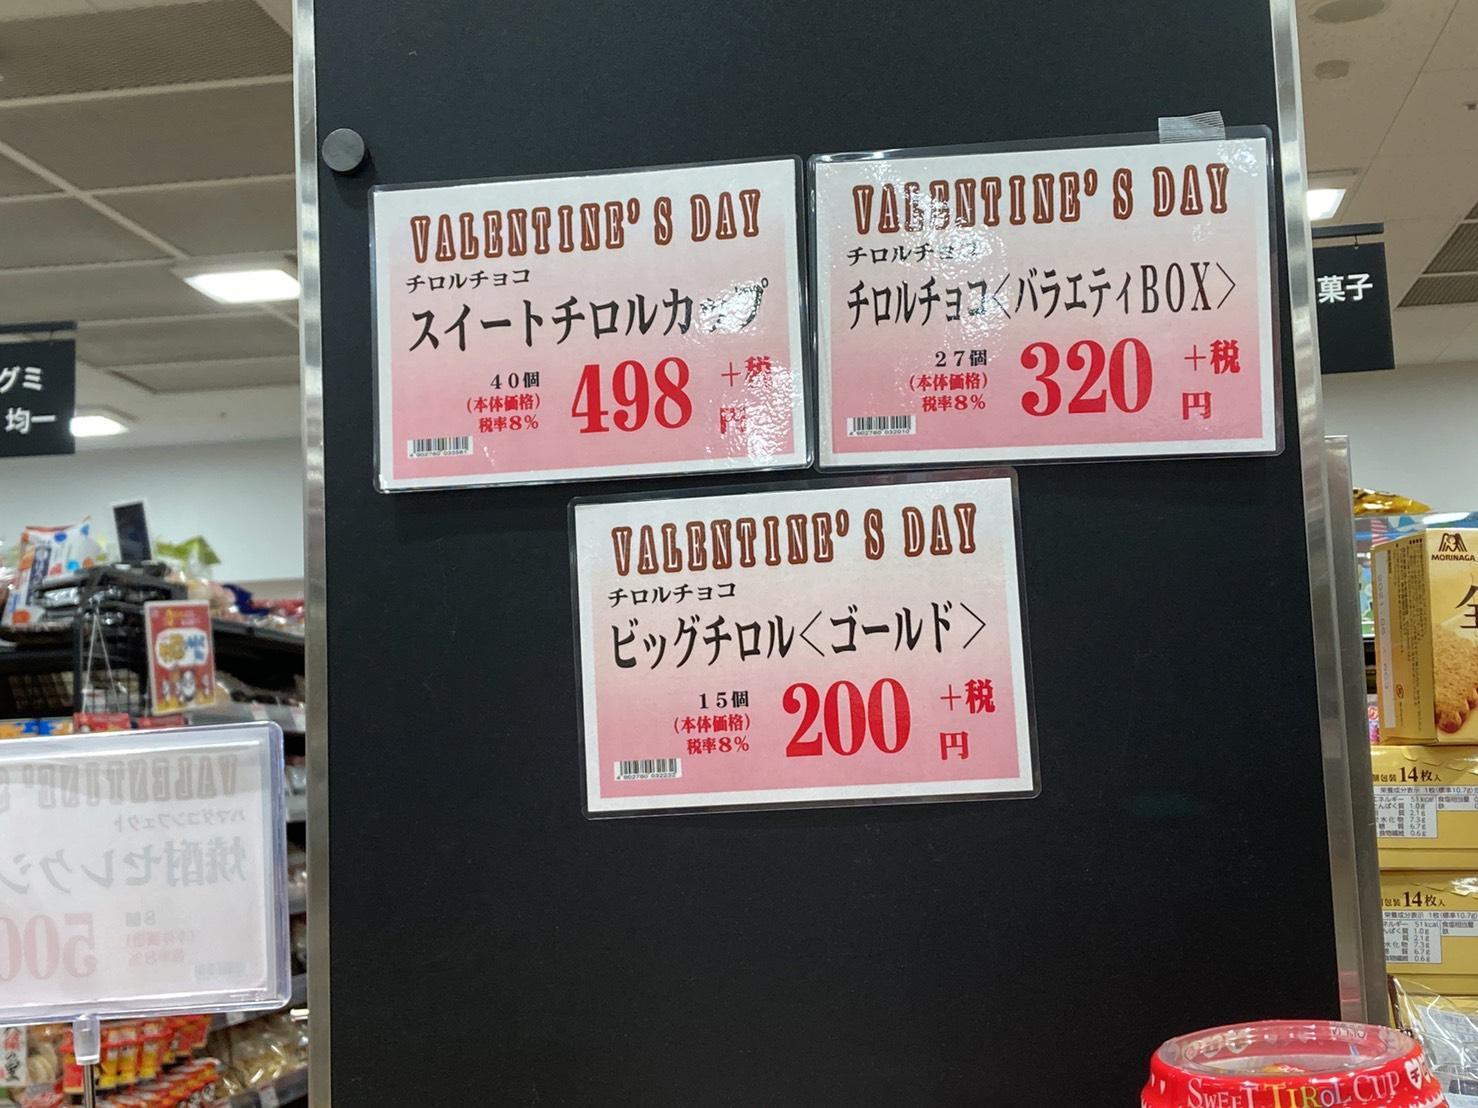 ★フレスト松井山手店★もうすぐバレンタイ…の画像